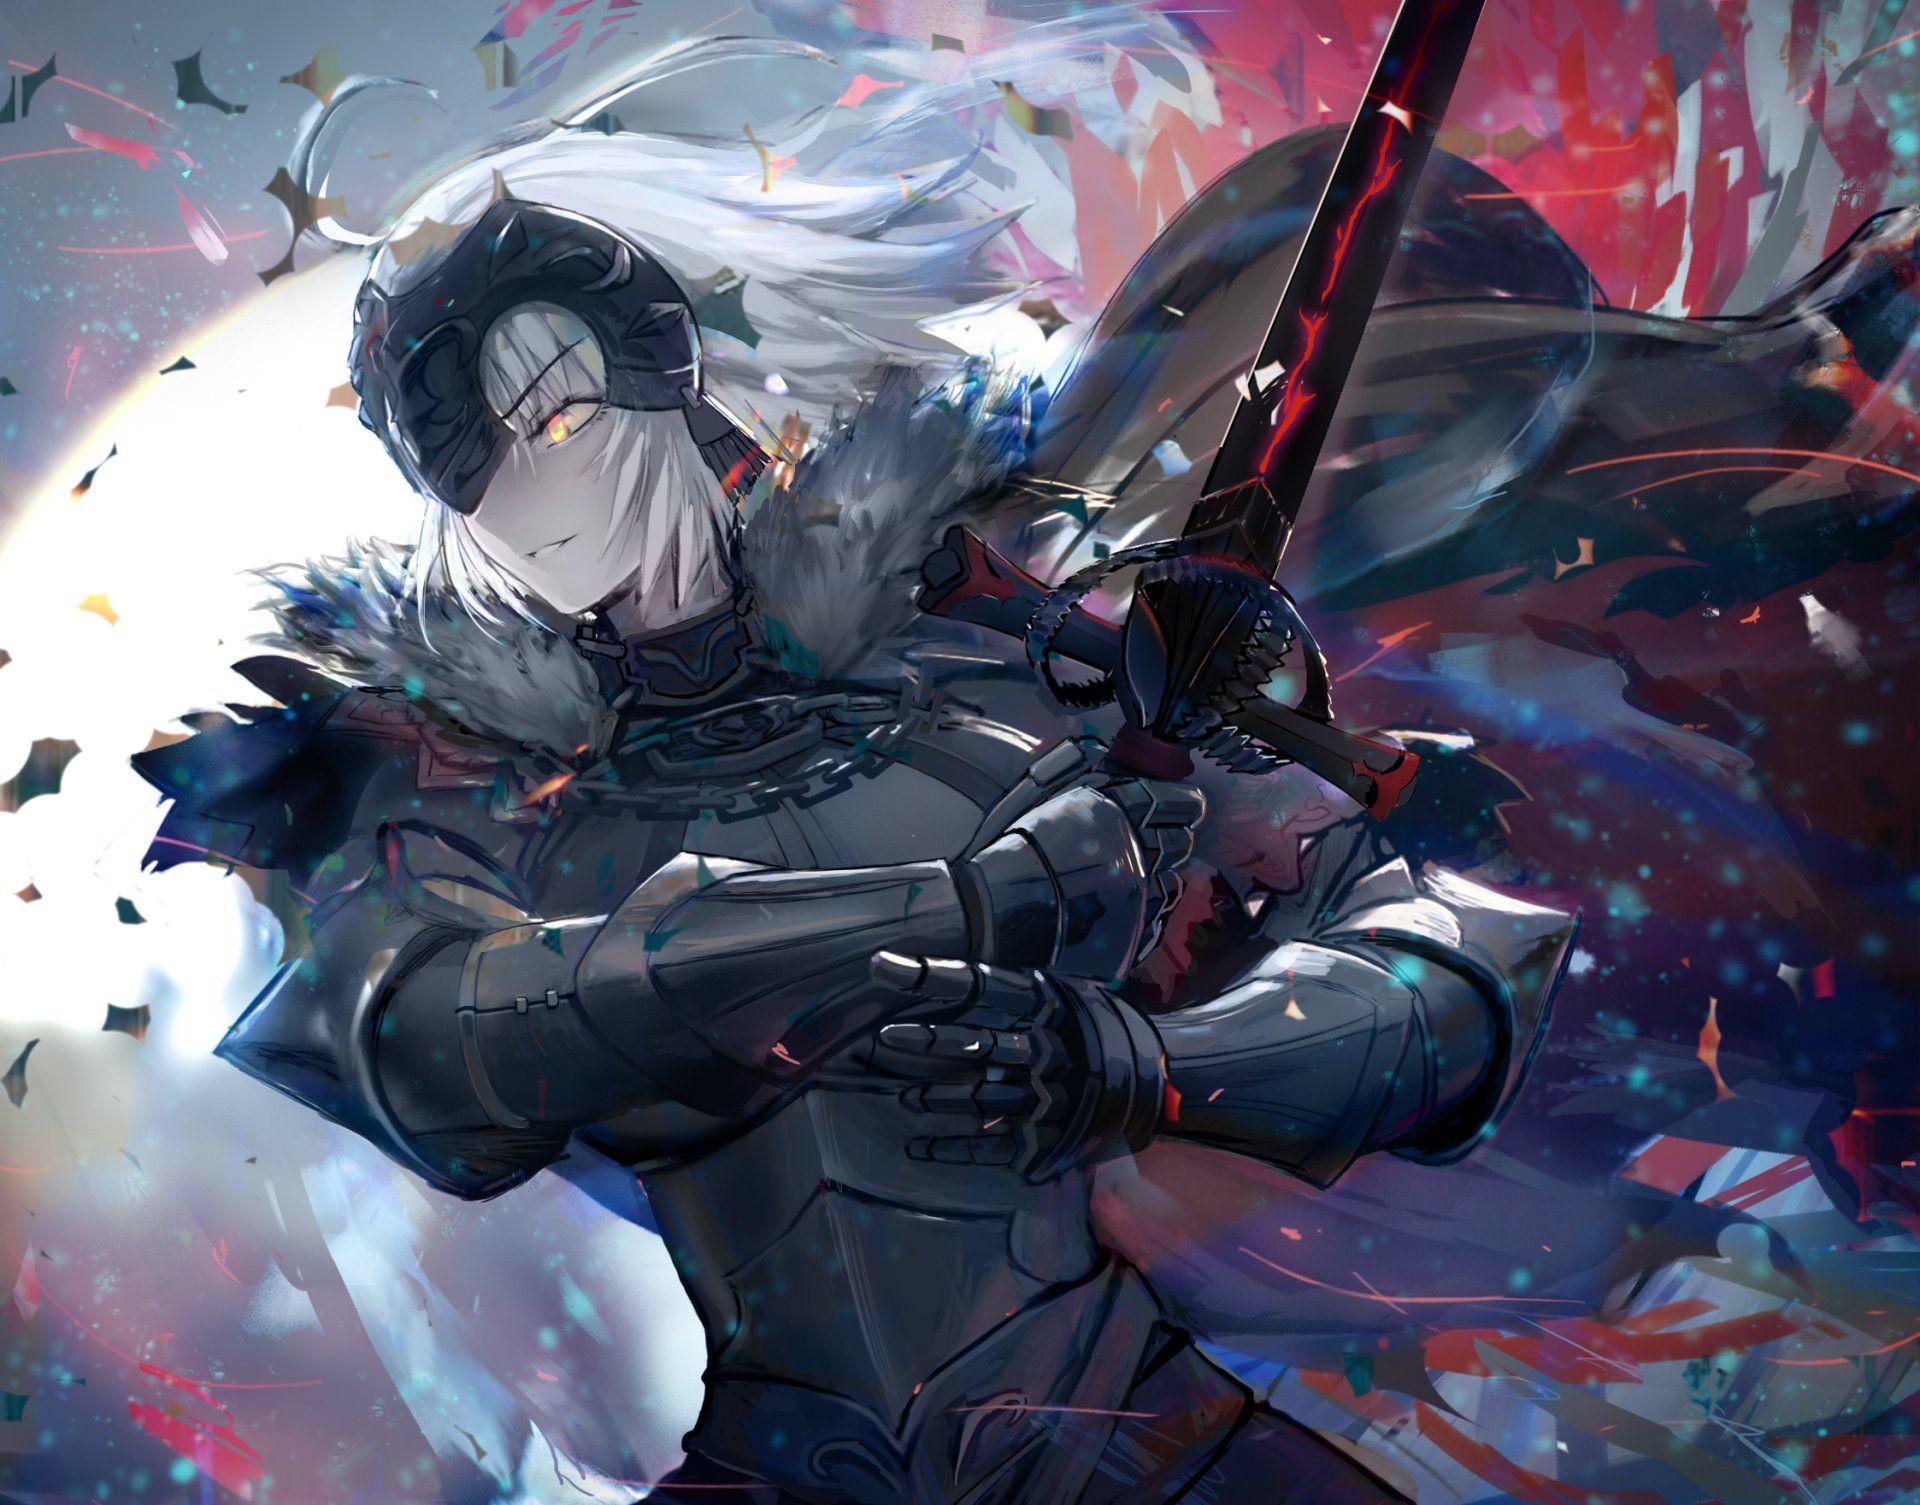 Anime - Fate/Grand Order Avenger (Fate/Grand Order) Jeanne d